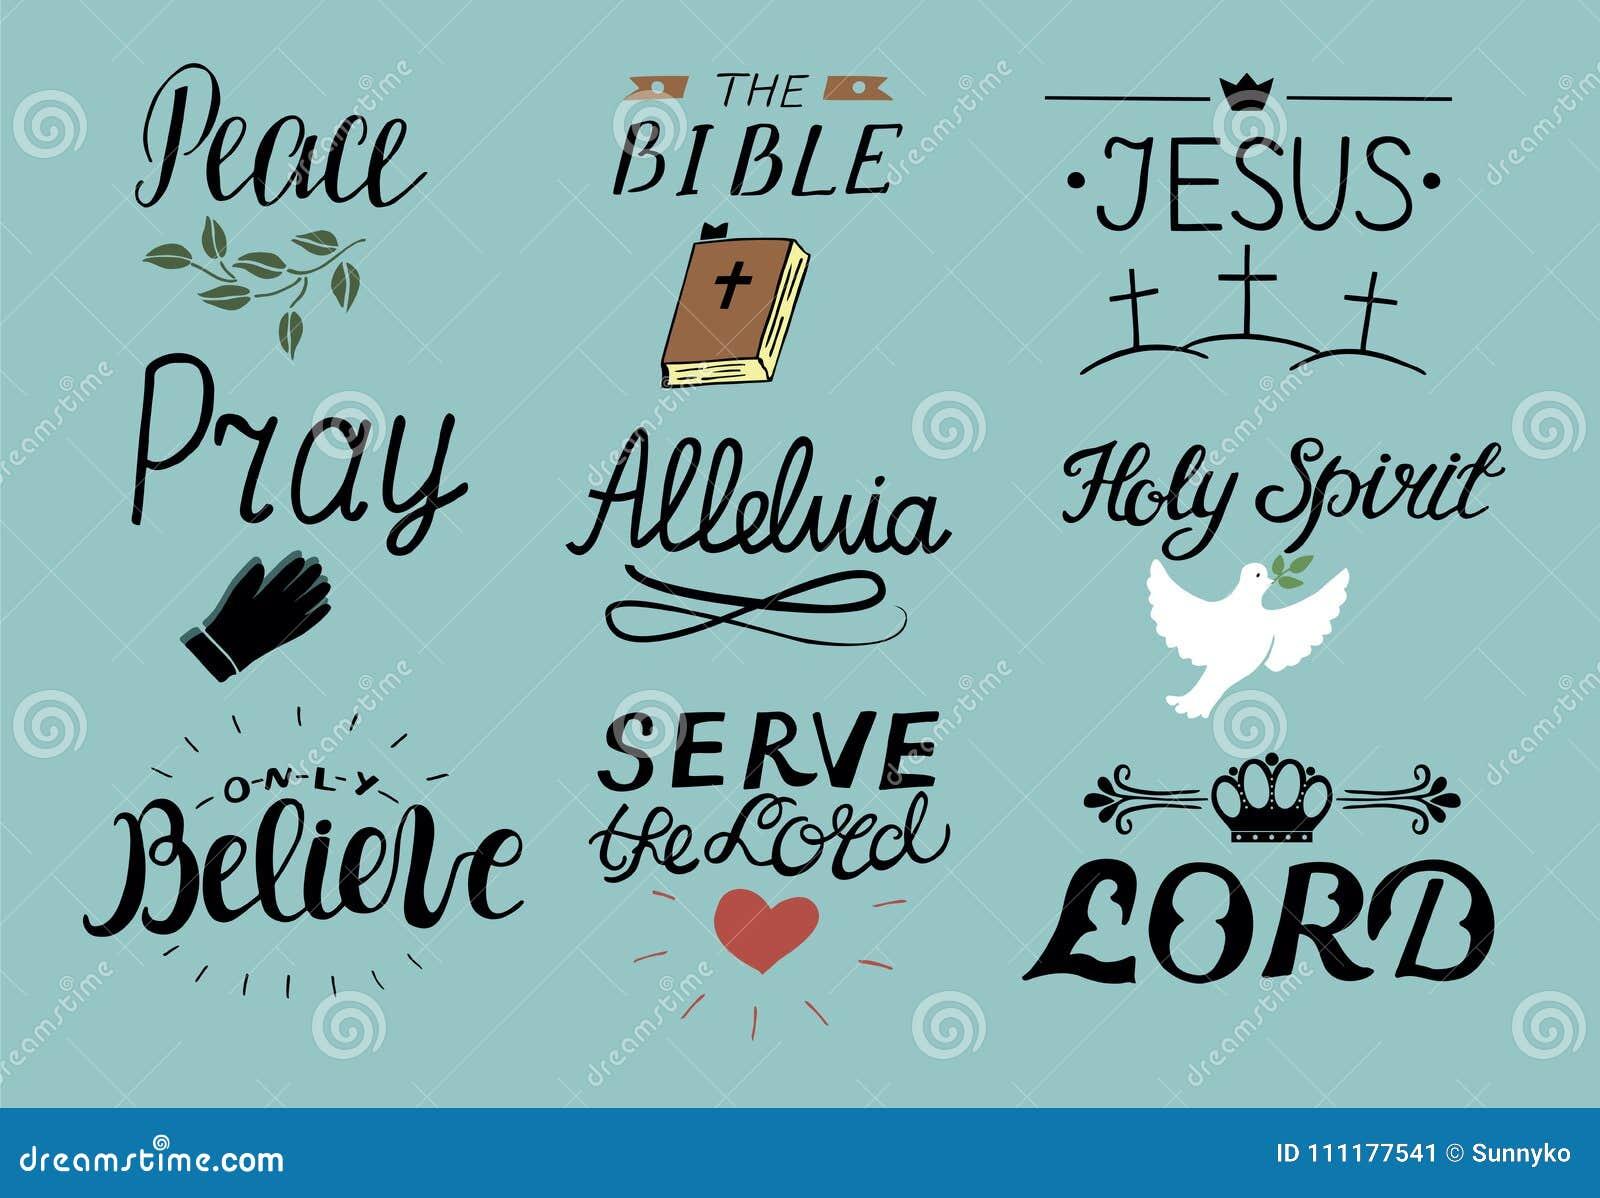 套9只手字法基督徒引述耶稣 圣灵 服务阁下 祈祷 只相信 书目 哈利路亚与